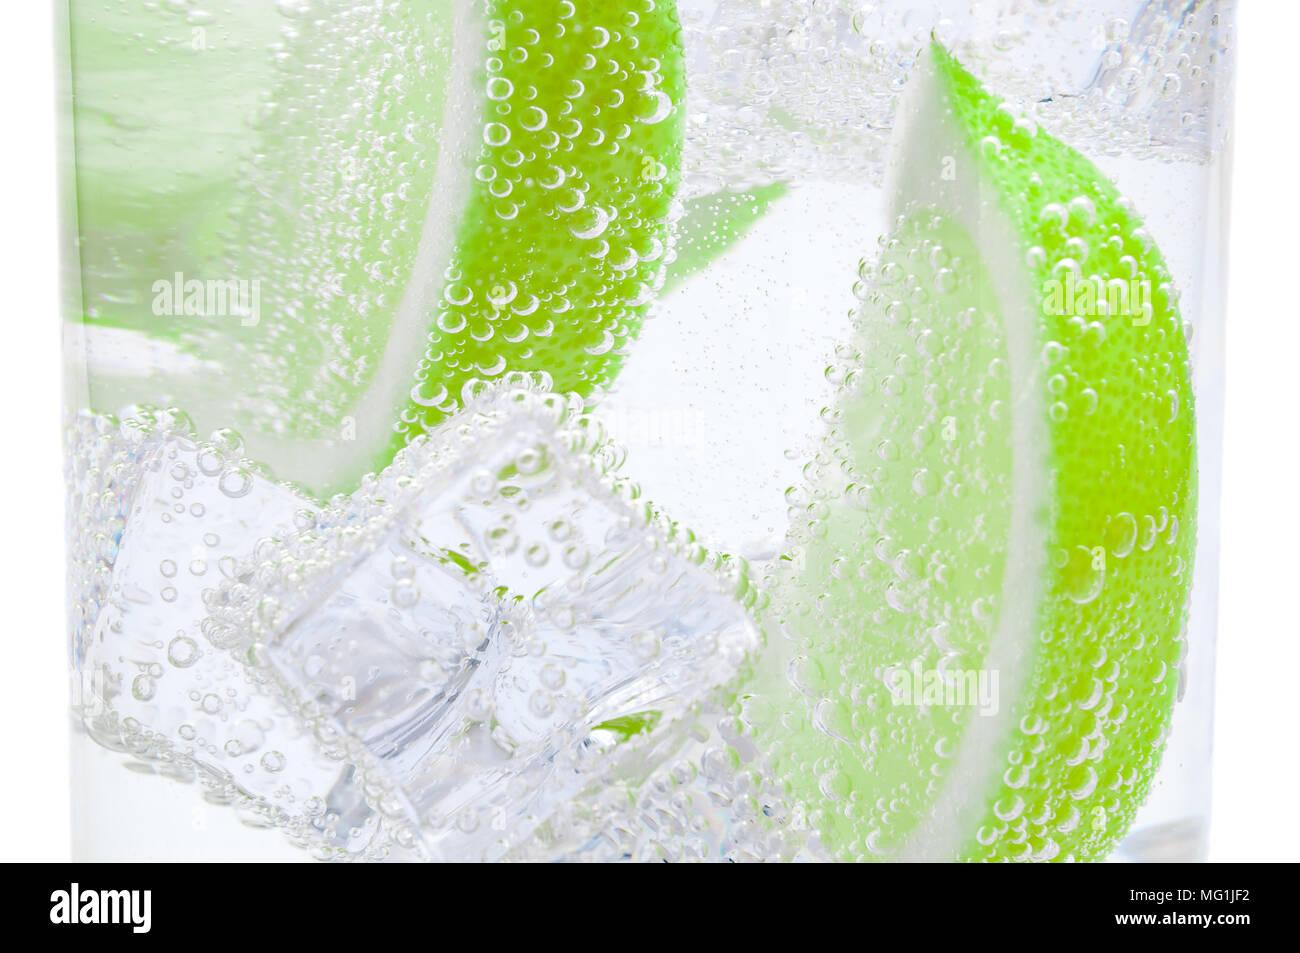 Pezzi di carni succose calce affondare in acque cristalline. Immagini Stock